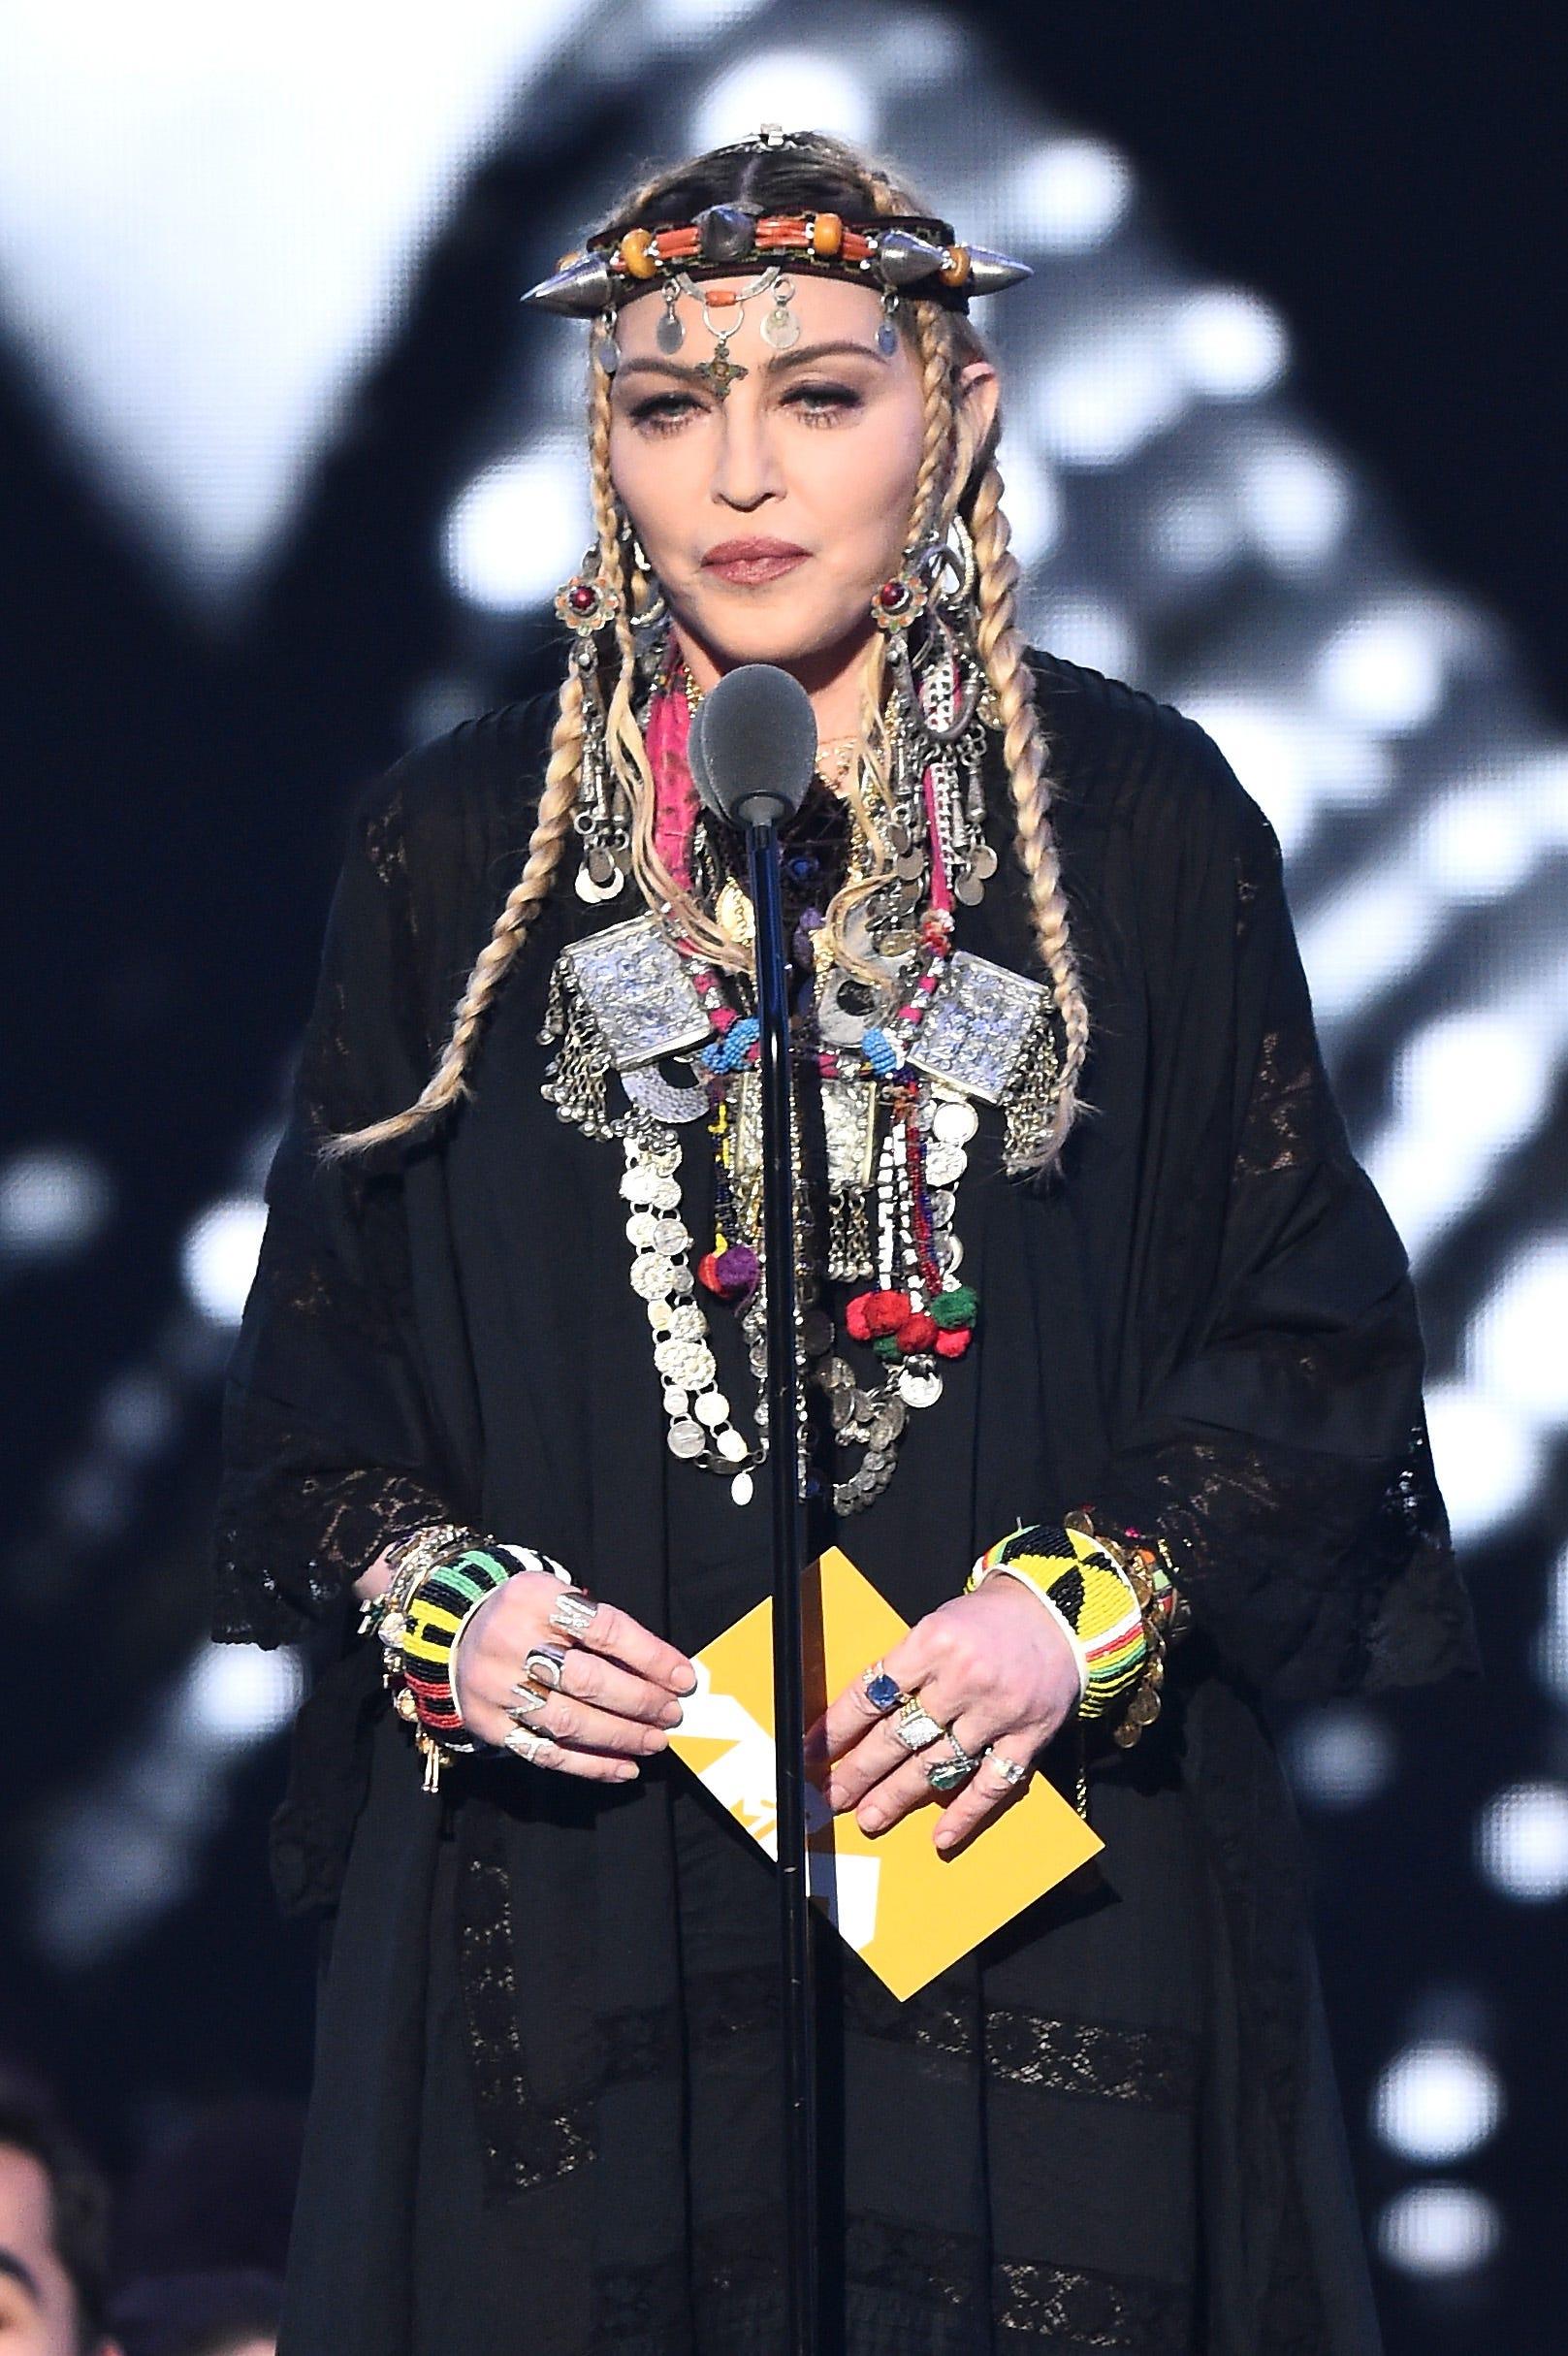 Vmas Madonna Responds To Backlash Over Aretha Franklin Tribute